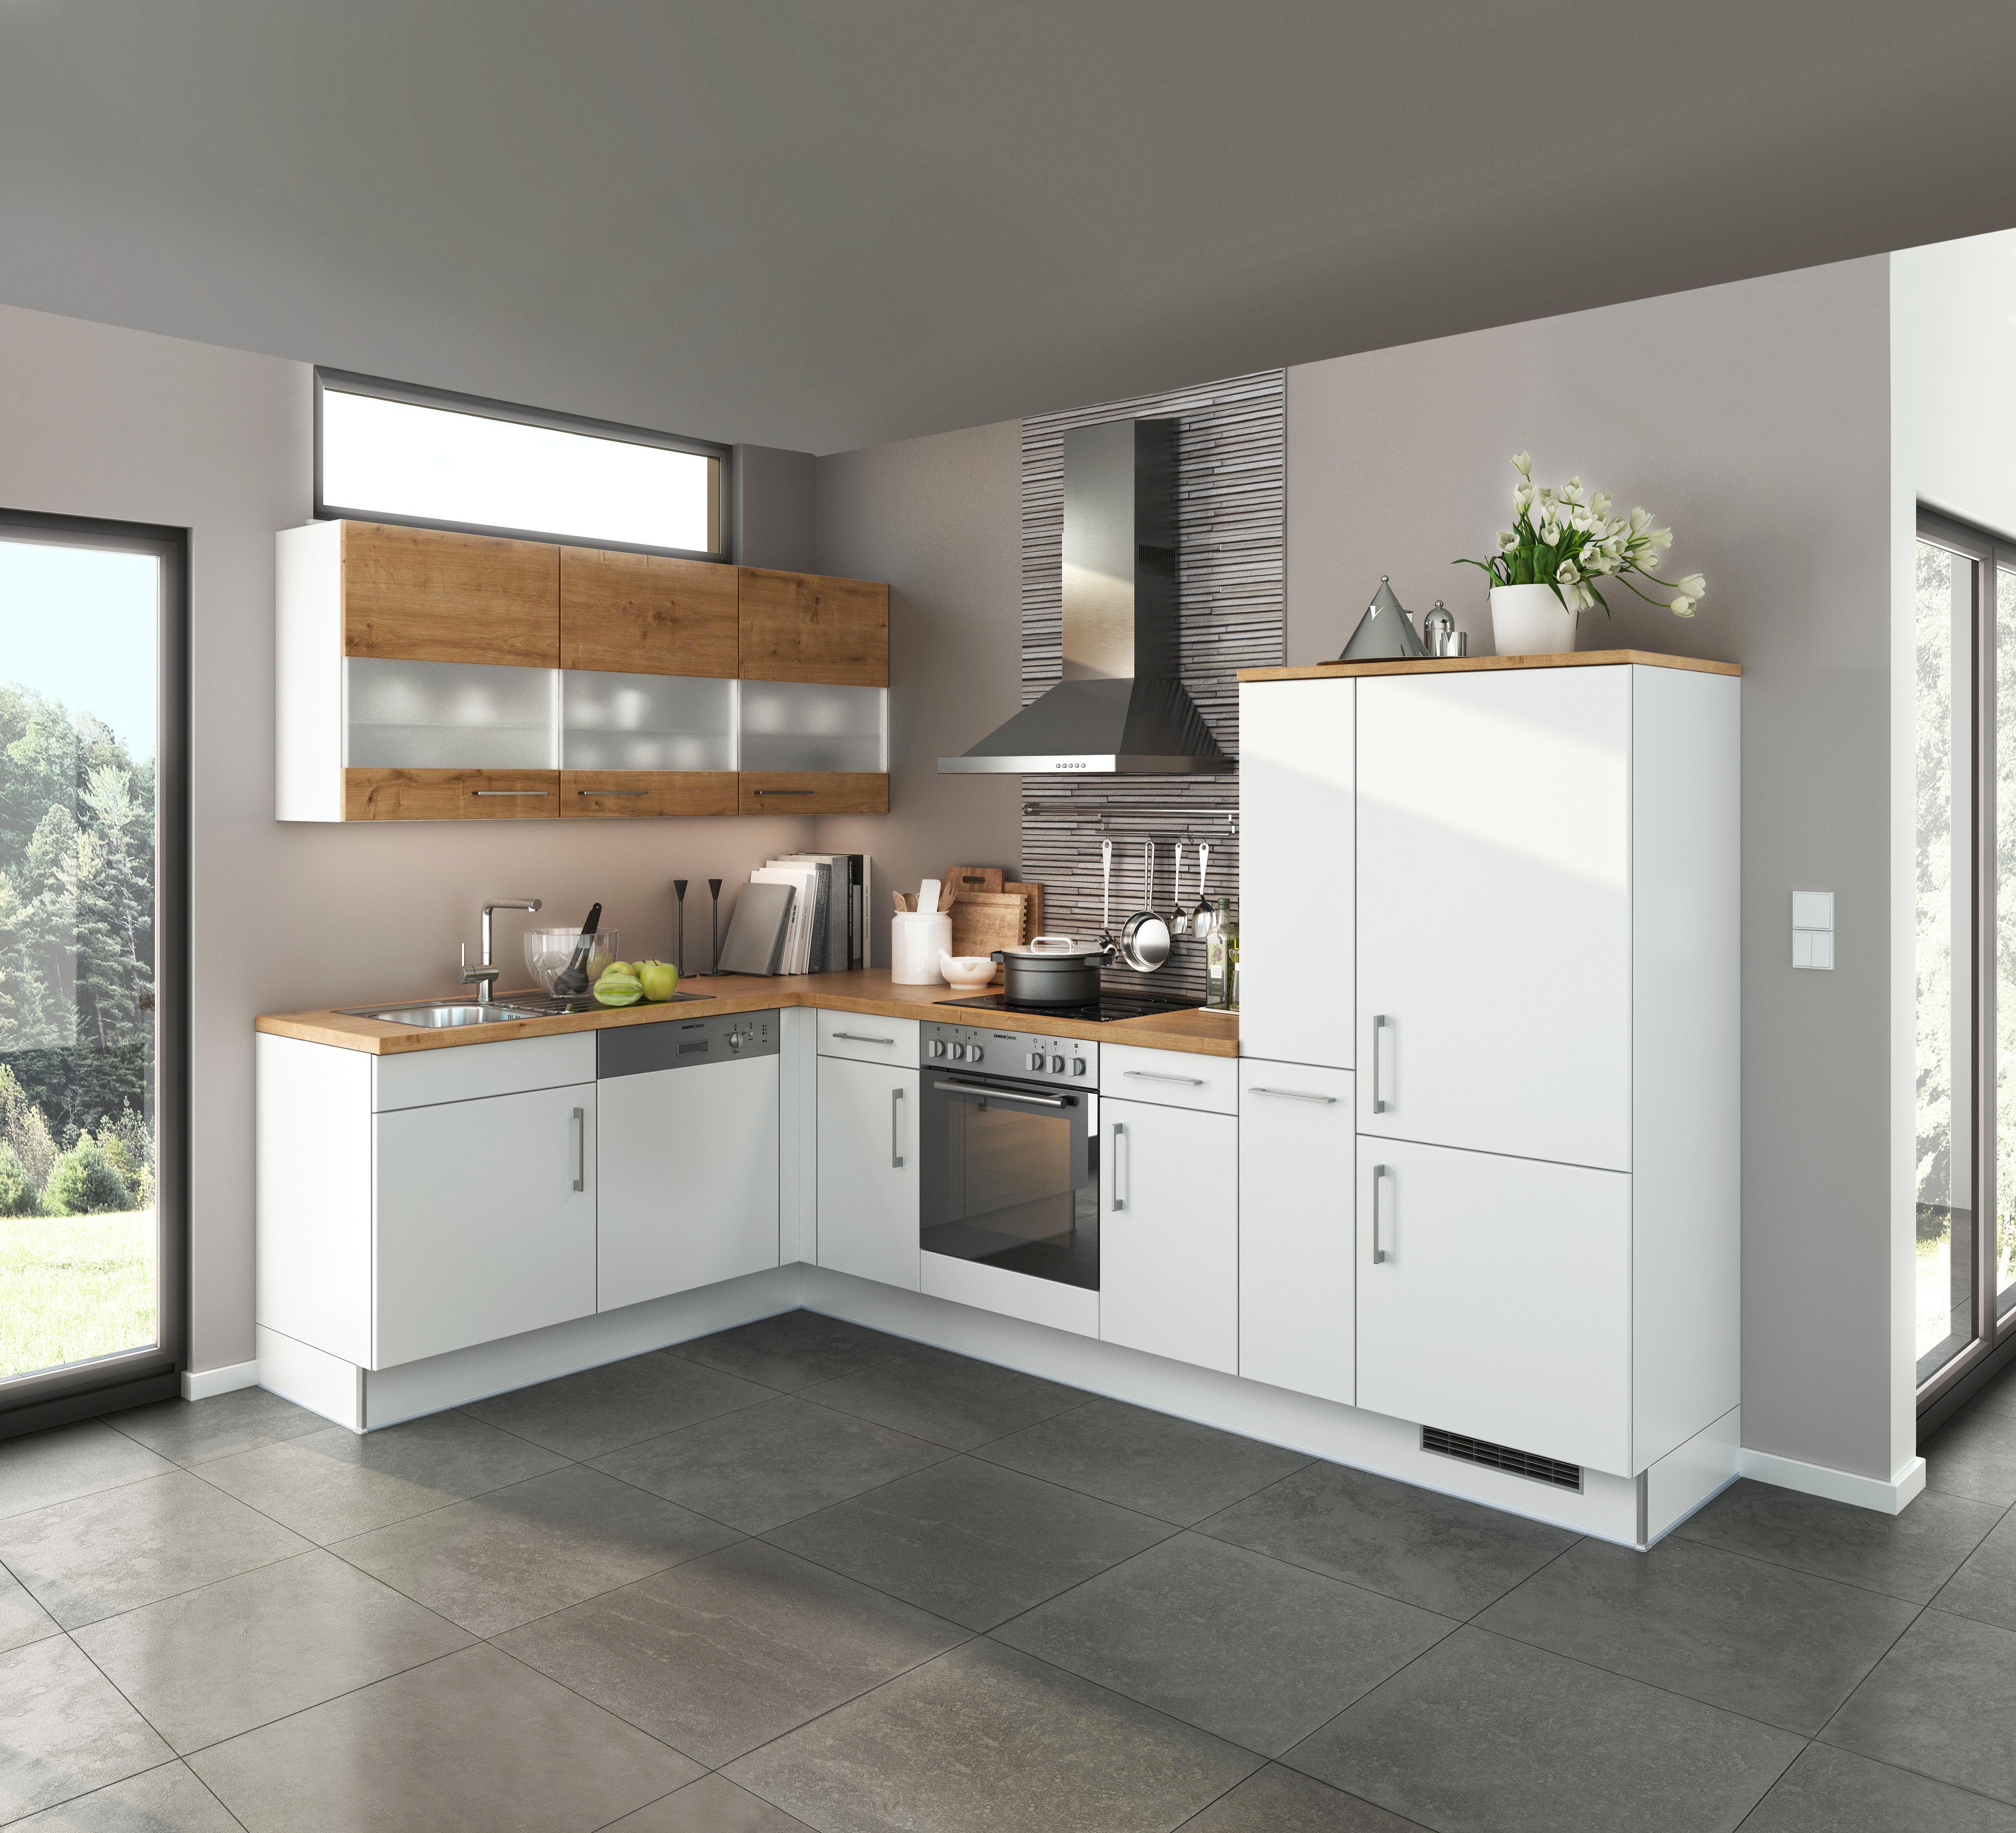 Tolle Küchengeräte Setzt Verkauf Zeitgenössisch - Ideen Für Die ...